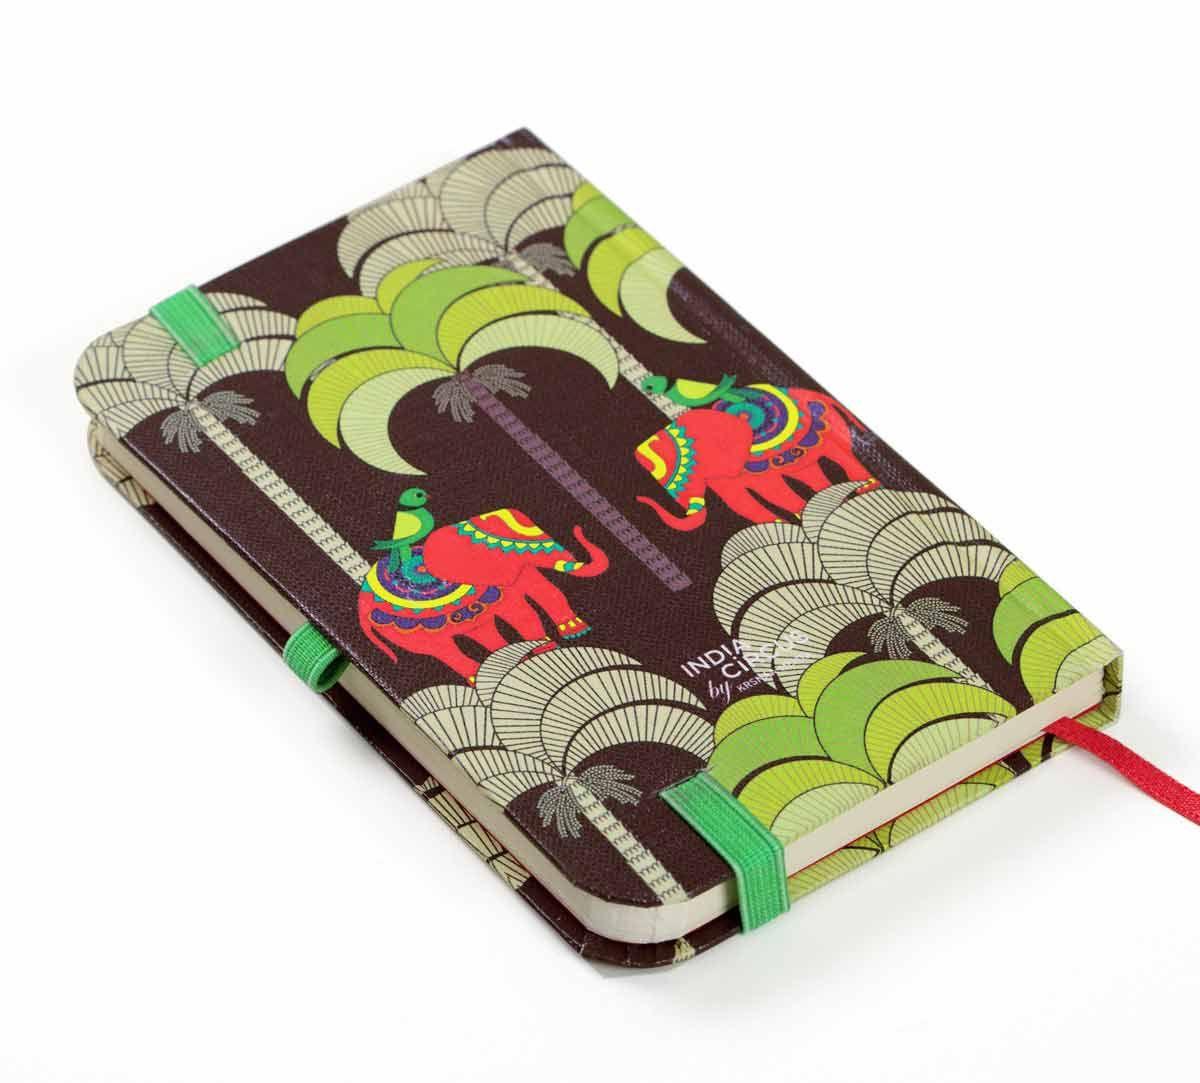 India Circus Palmeria Tusker Reiteration Pocket Diary